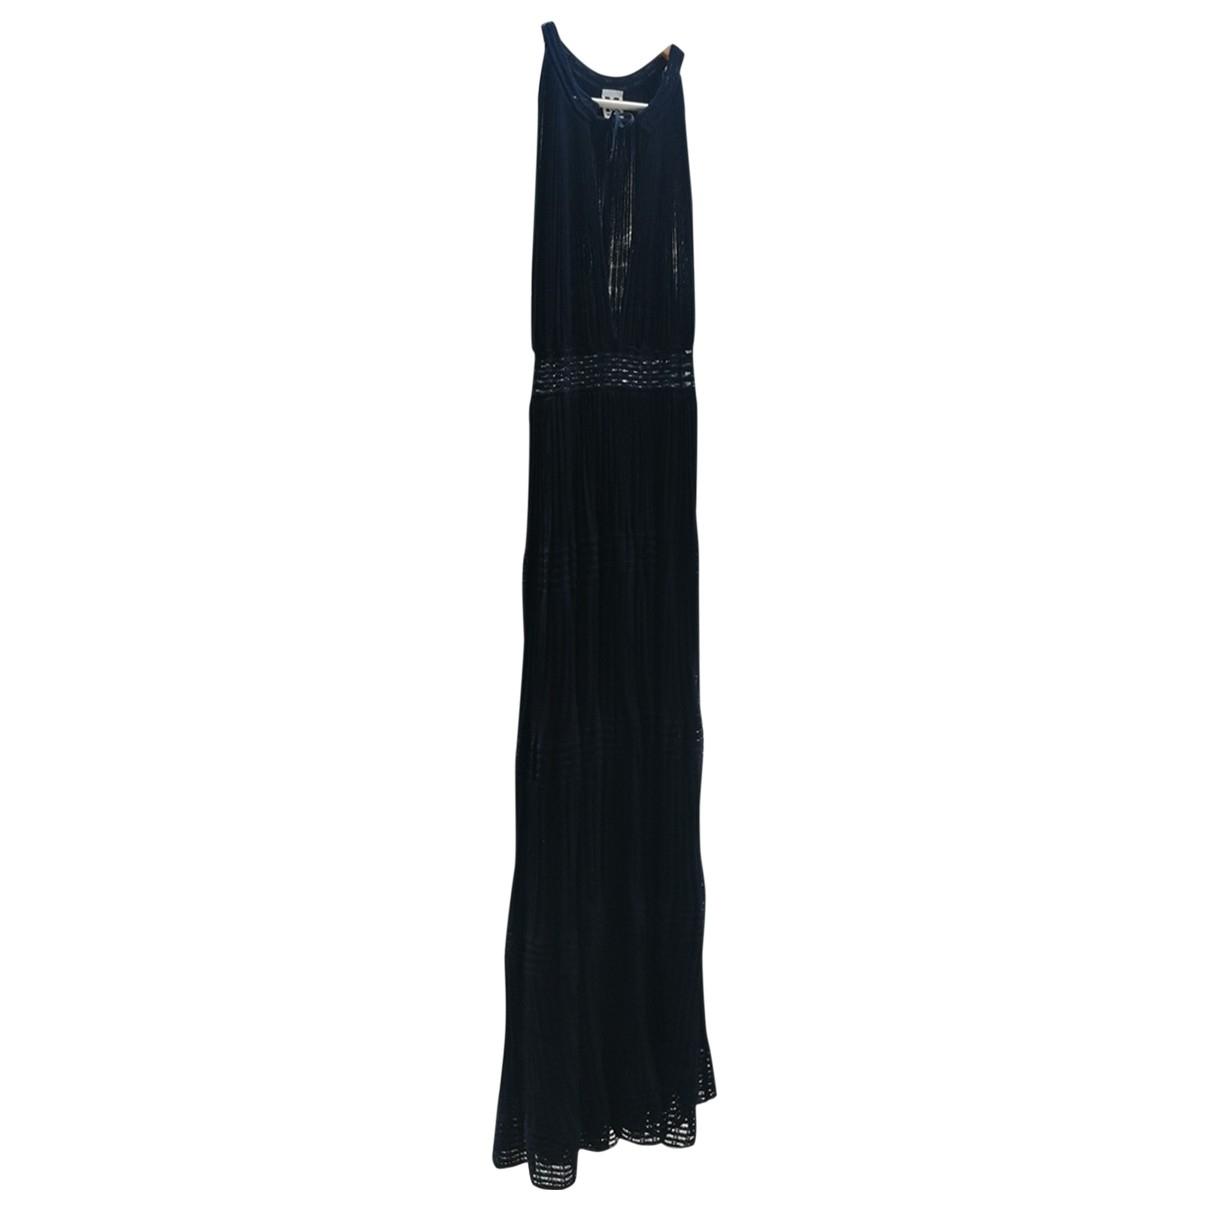 M Missoni \N Kleid in  Schwarz Baumwolle - Elasthan